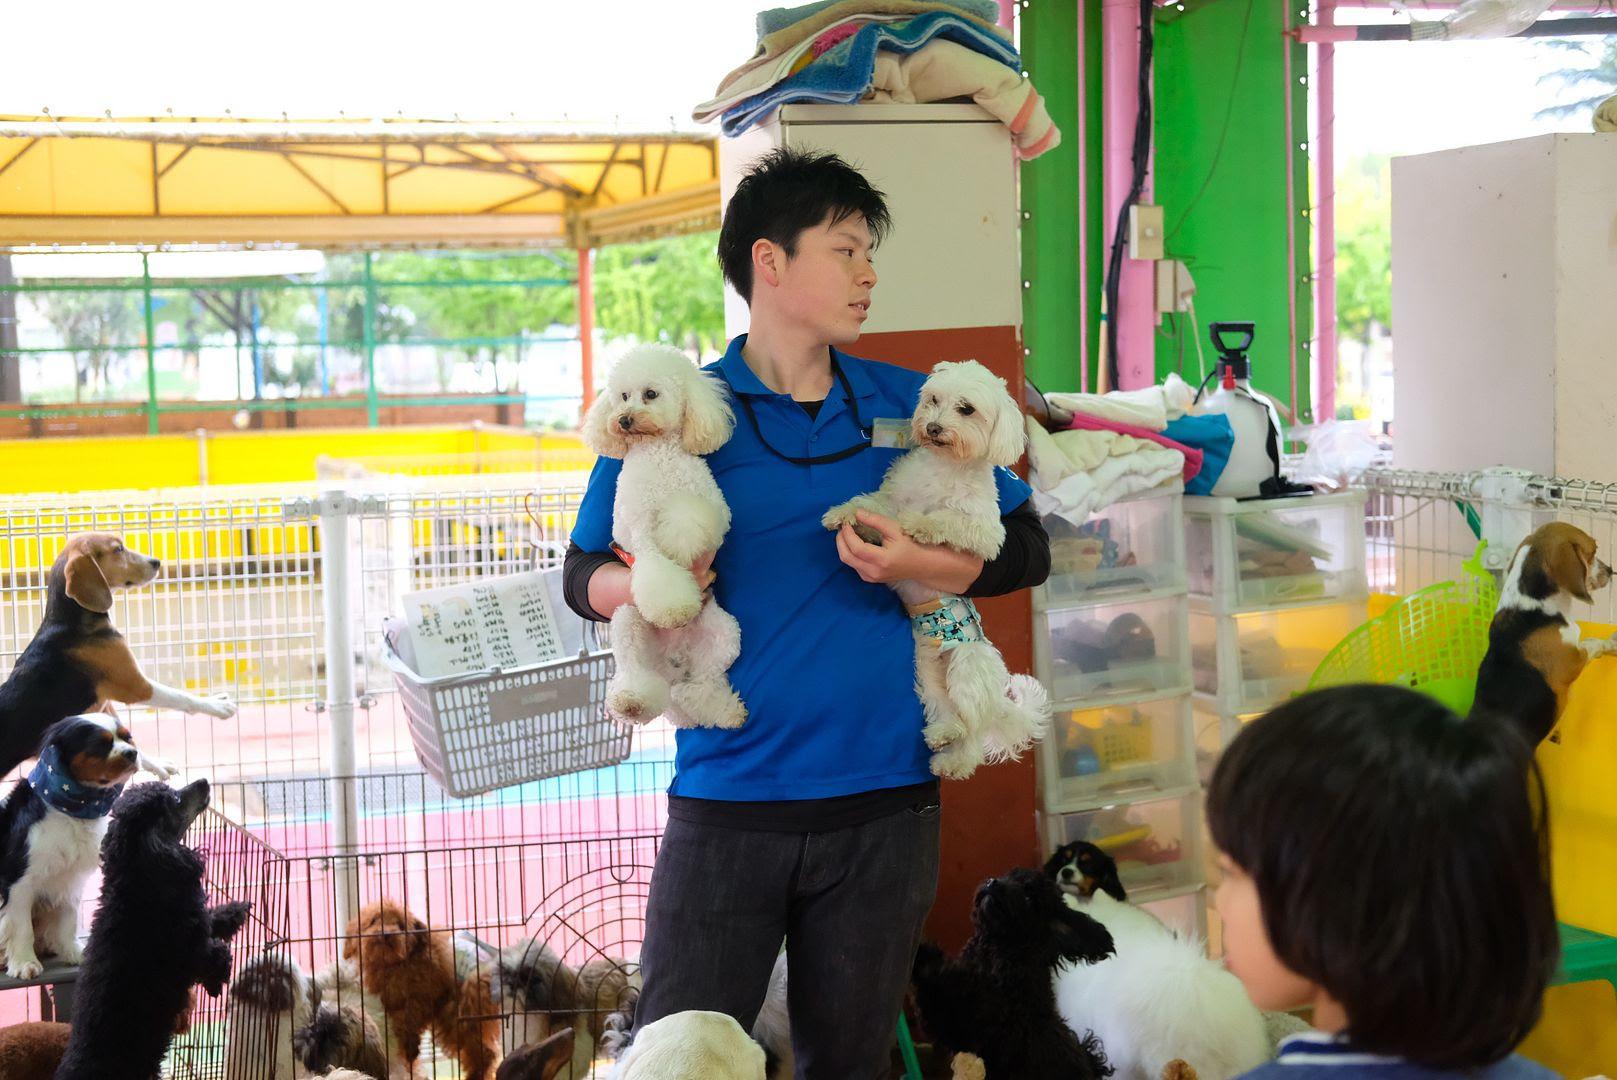 photo Tsukuba Wan Wan Land Ibaraki 1.jpg